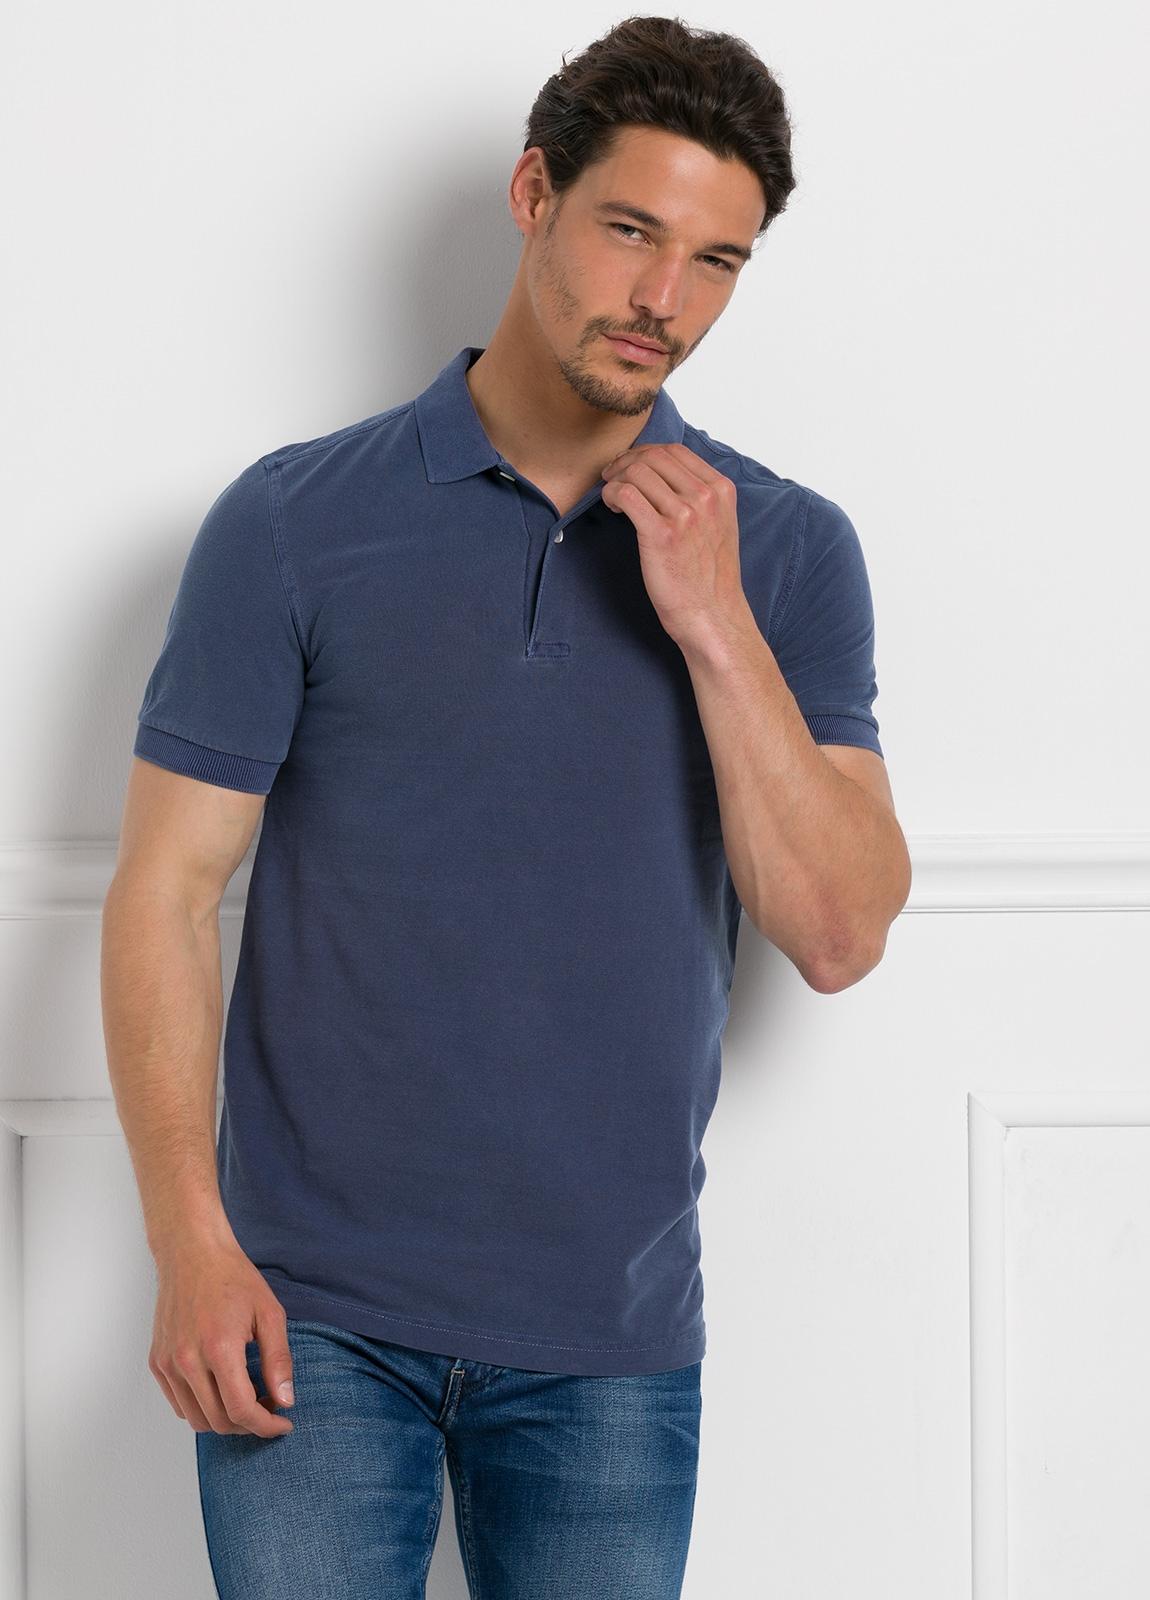 Polo liso manga corta, color azul. 100% Algodón Piqué.